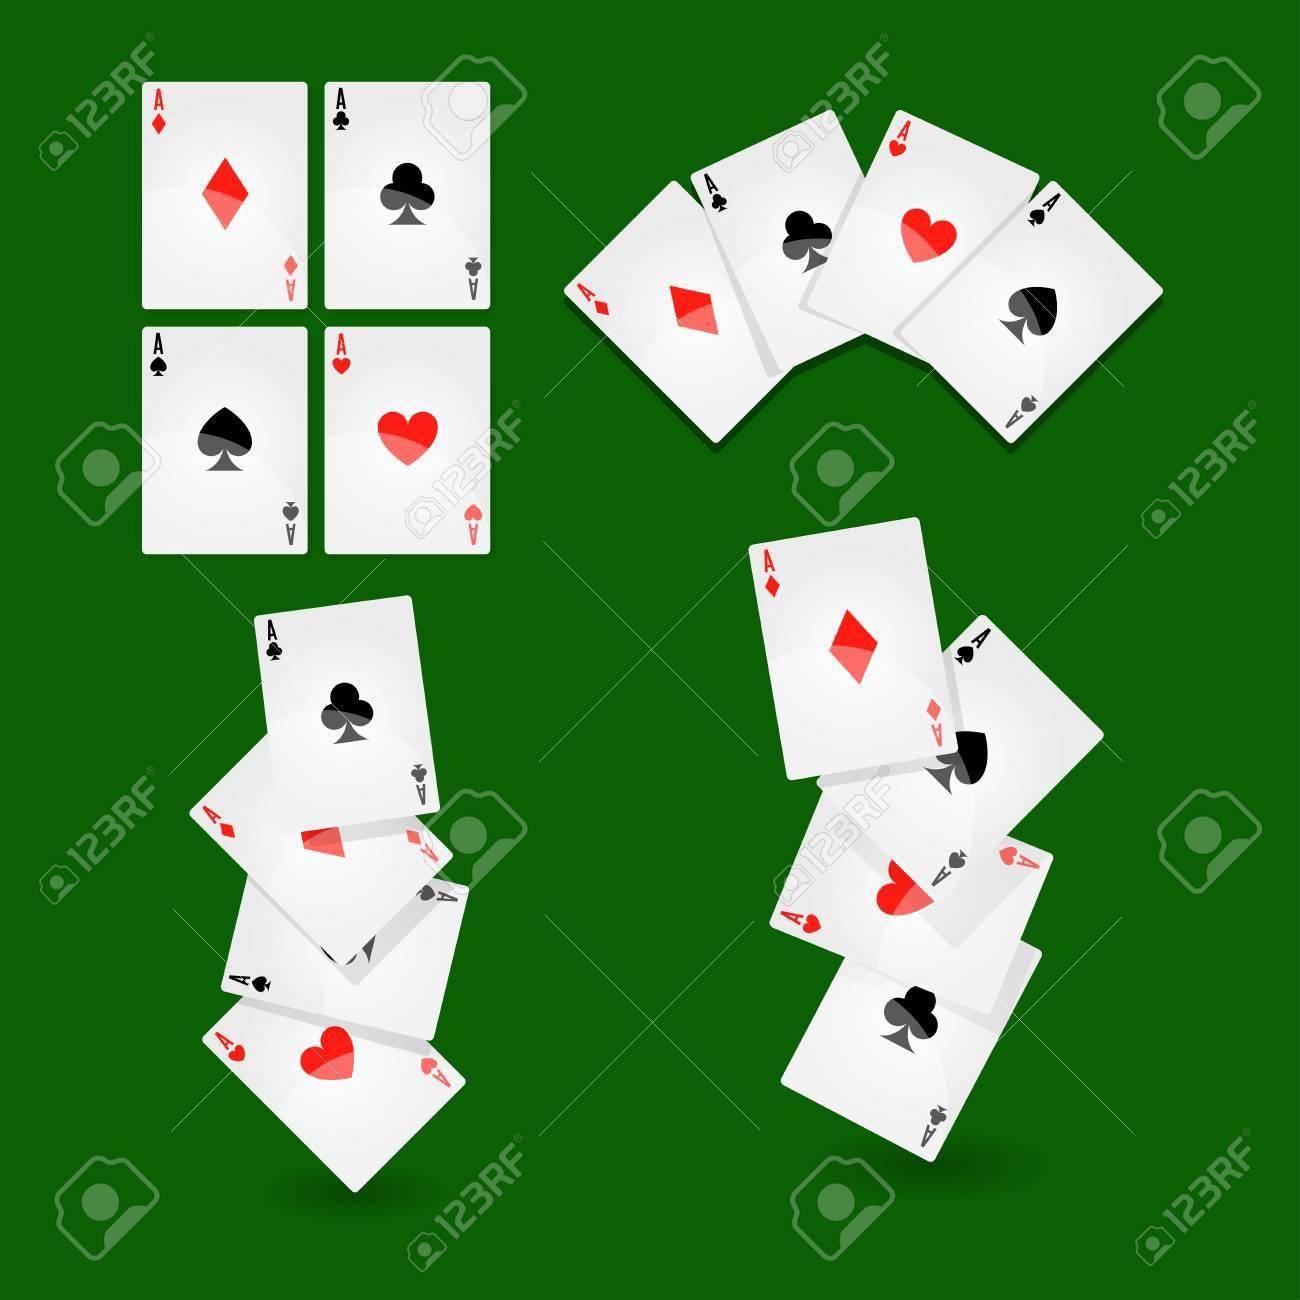 06d1c7d7b69b1 Carte da gioco poker per casinò o solitario icone vettoriali gioco Archivio  Fotografico - 82169284